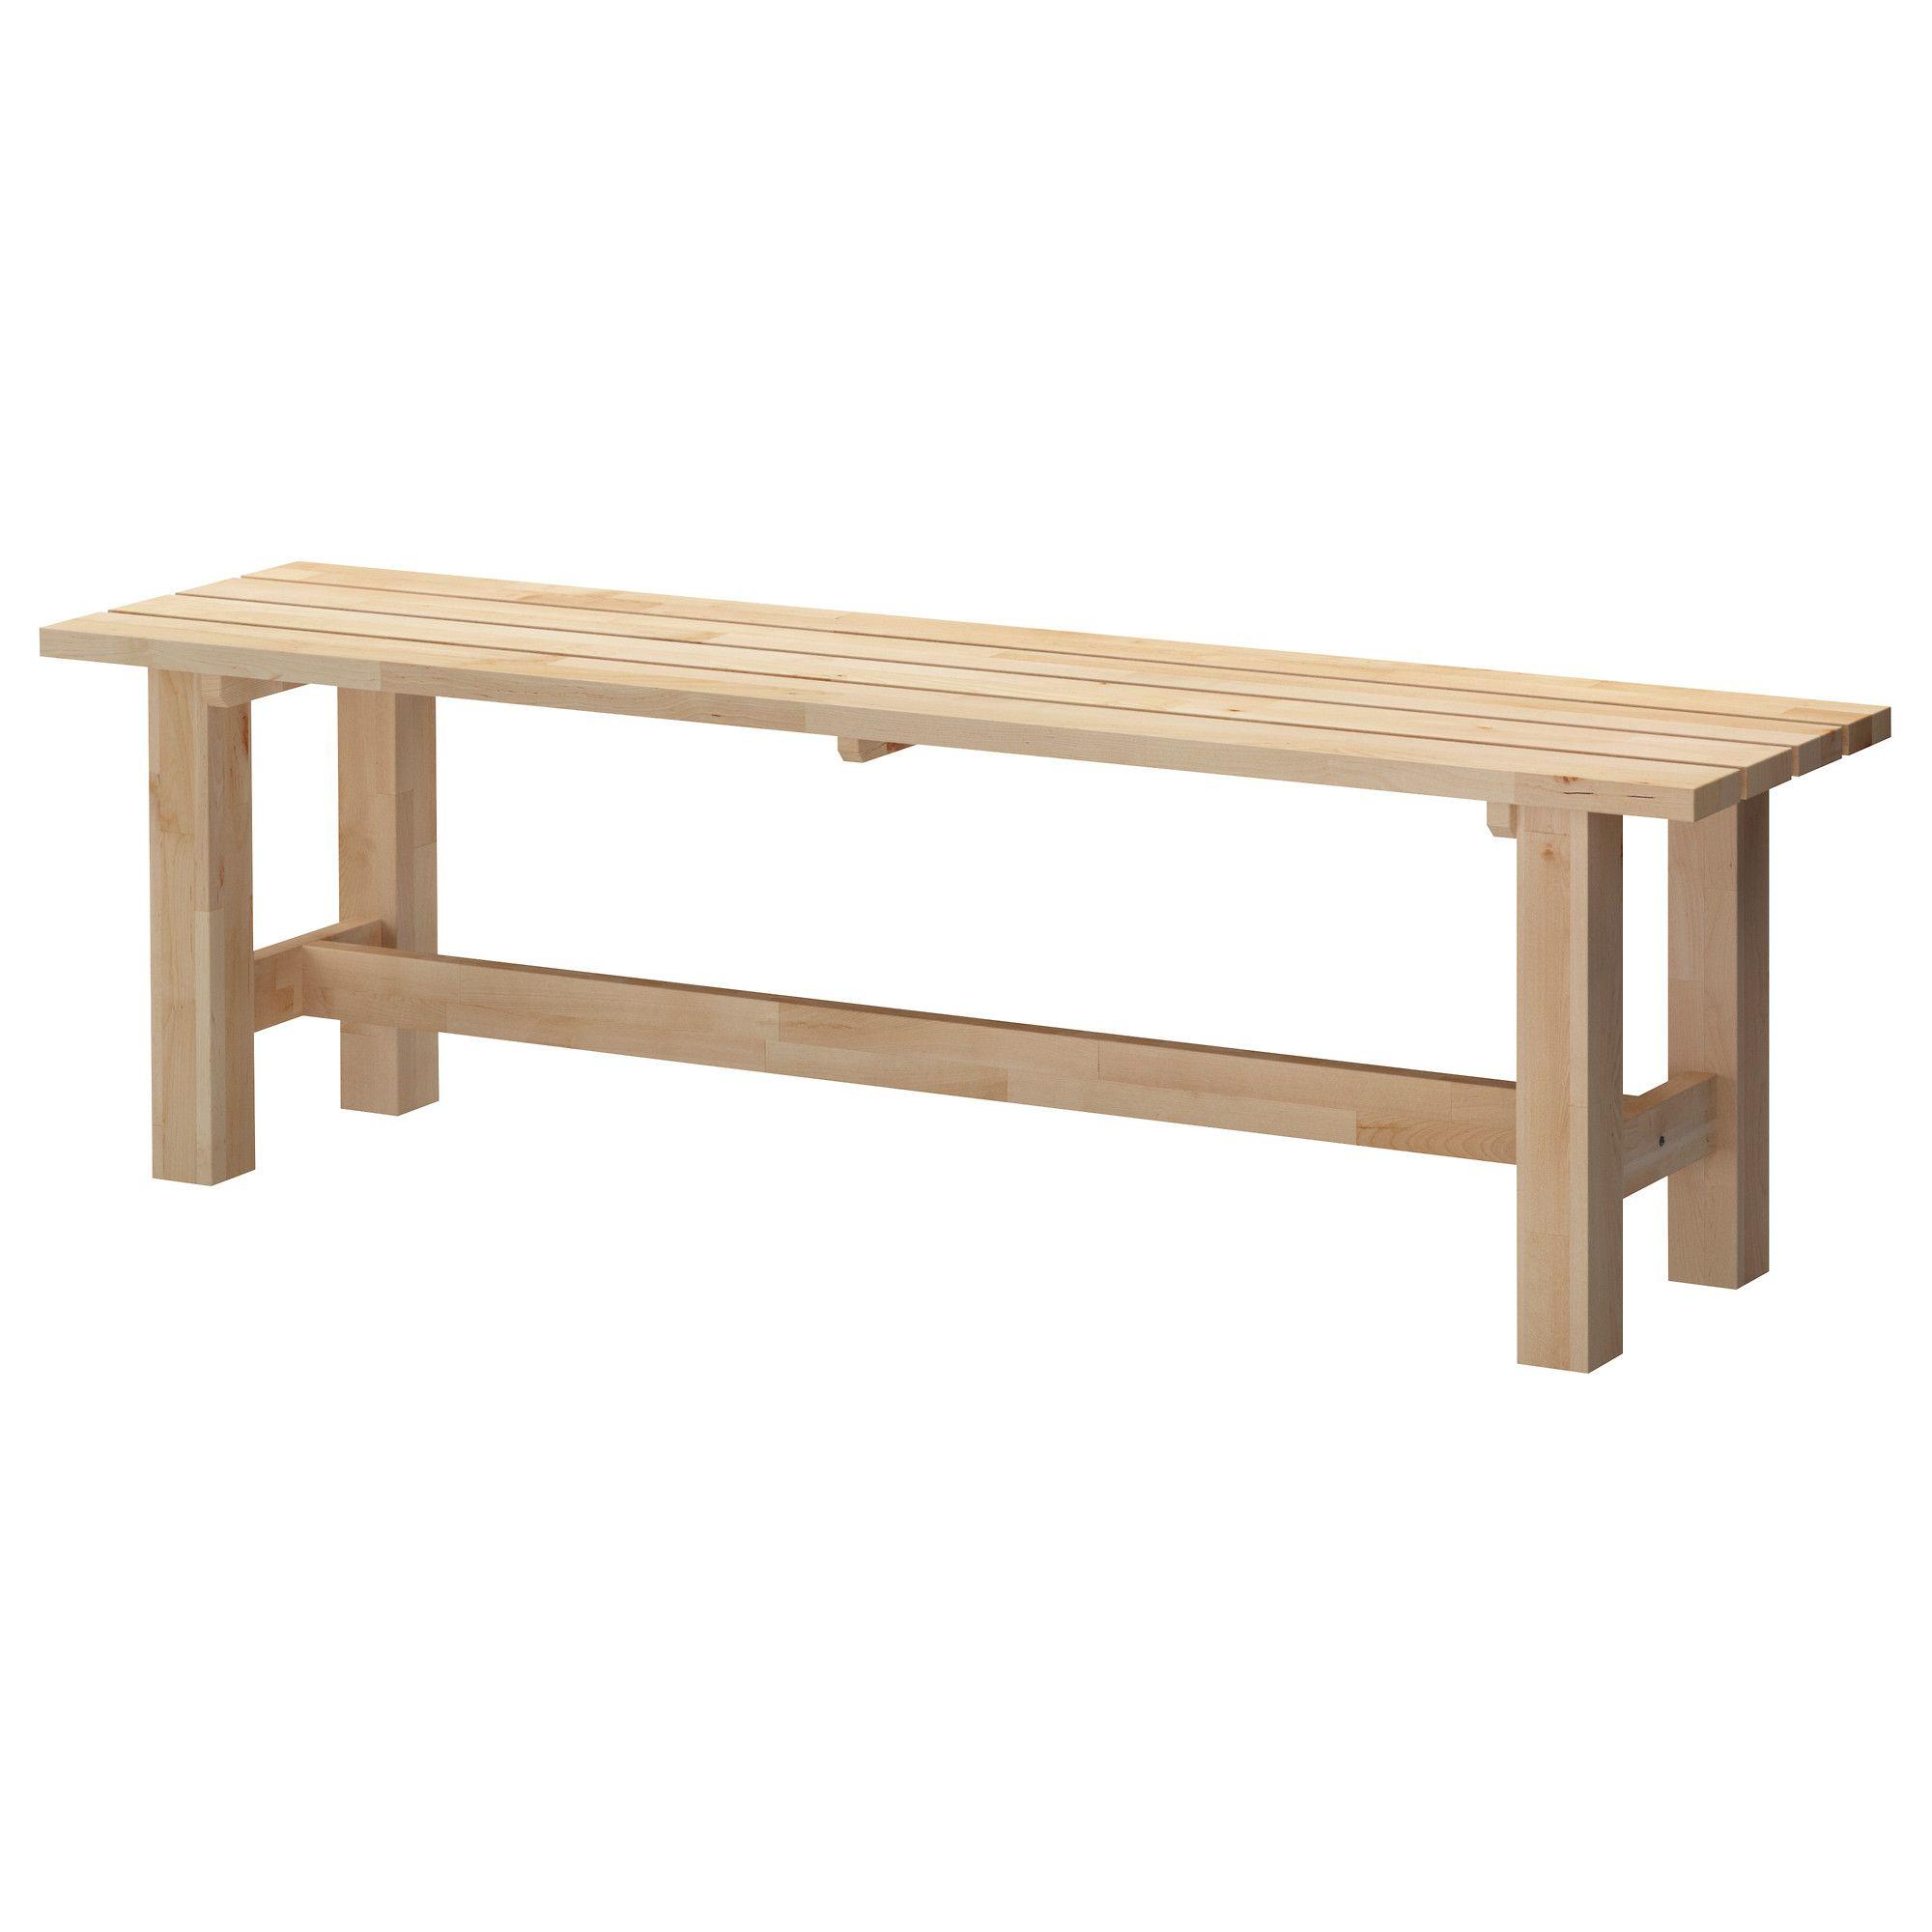 Meubles Et Accessoires | Banquette Ikea, Ikea Et Banc Salle ... encequiconcerne Banc Ikea